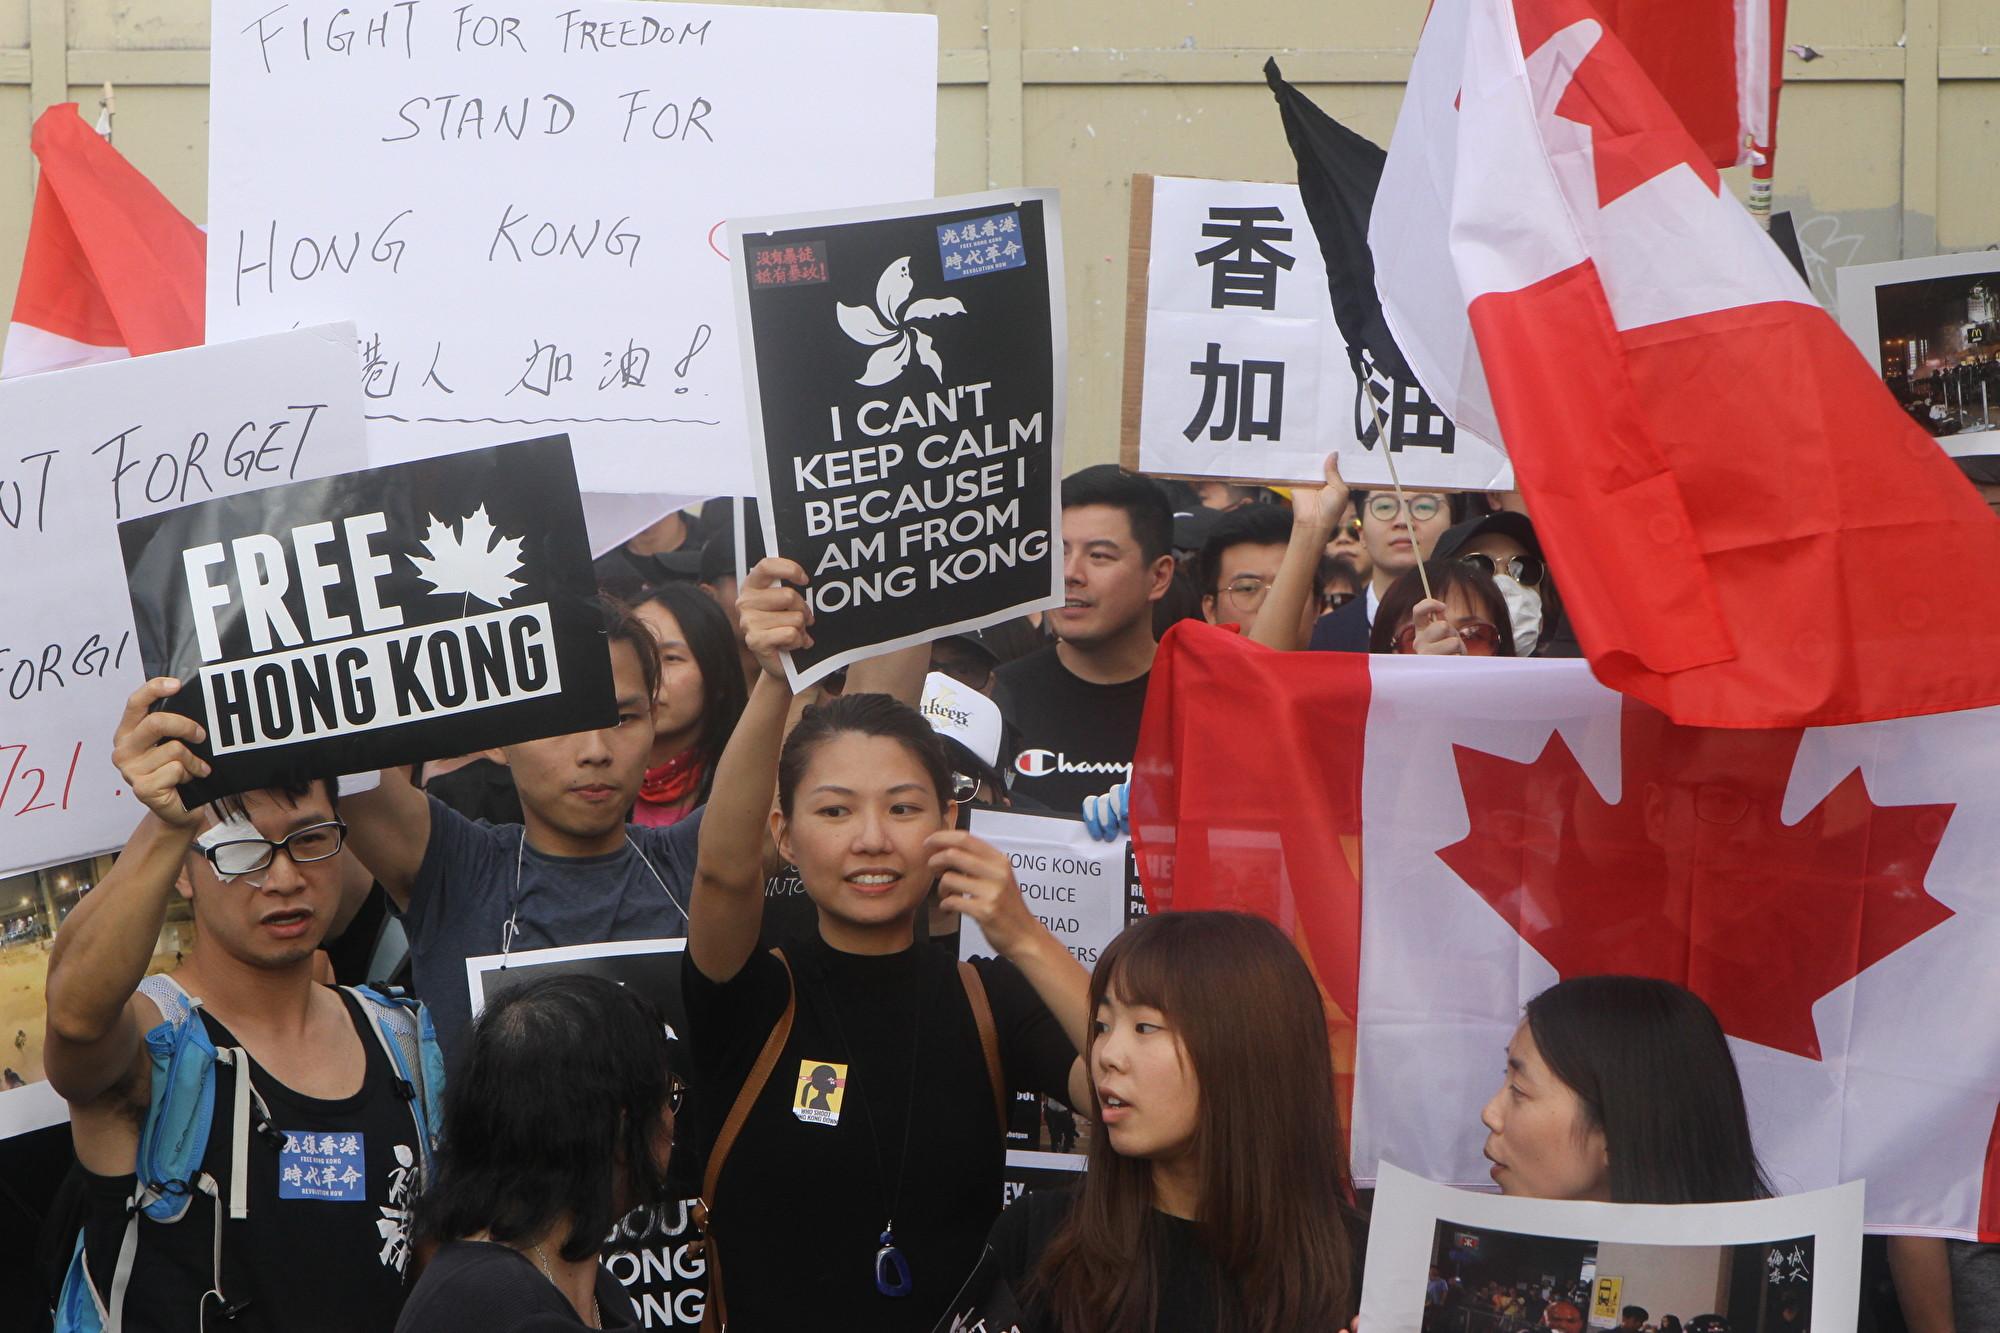 8月17日下午,一些溫哥華的香港人計劃在百老匯街City-Hall天車站外向行人講香港反送中真相,遭遇中國大陸留學生干擾,圖為香港人作出回應向中國學生展示條幅。(蘇燦/新唐人)